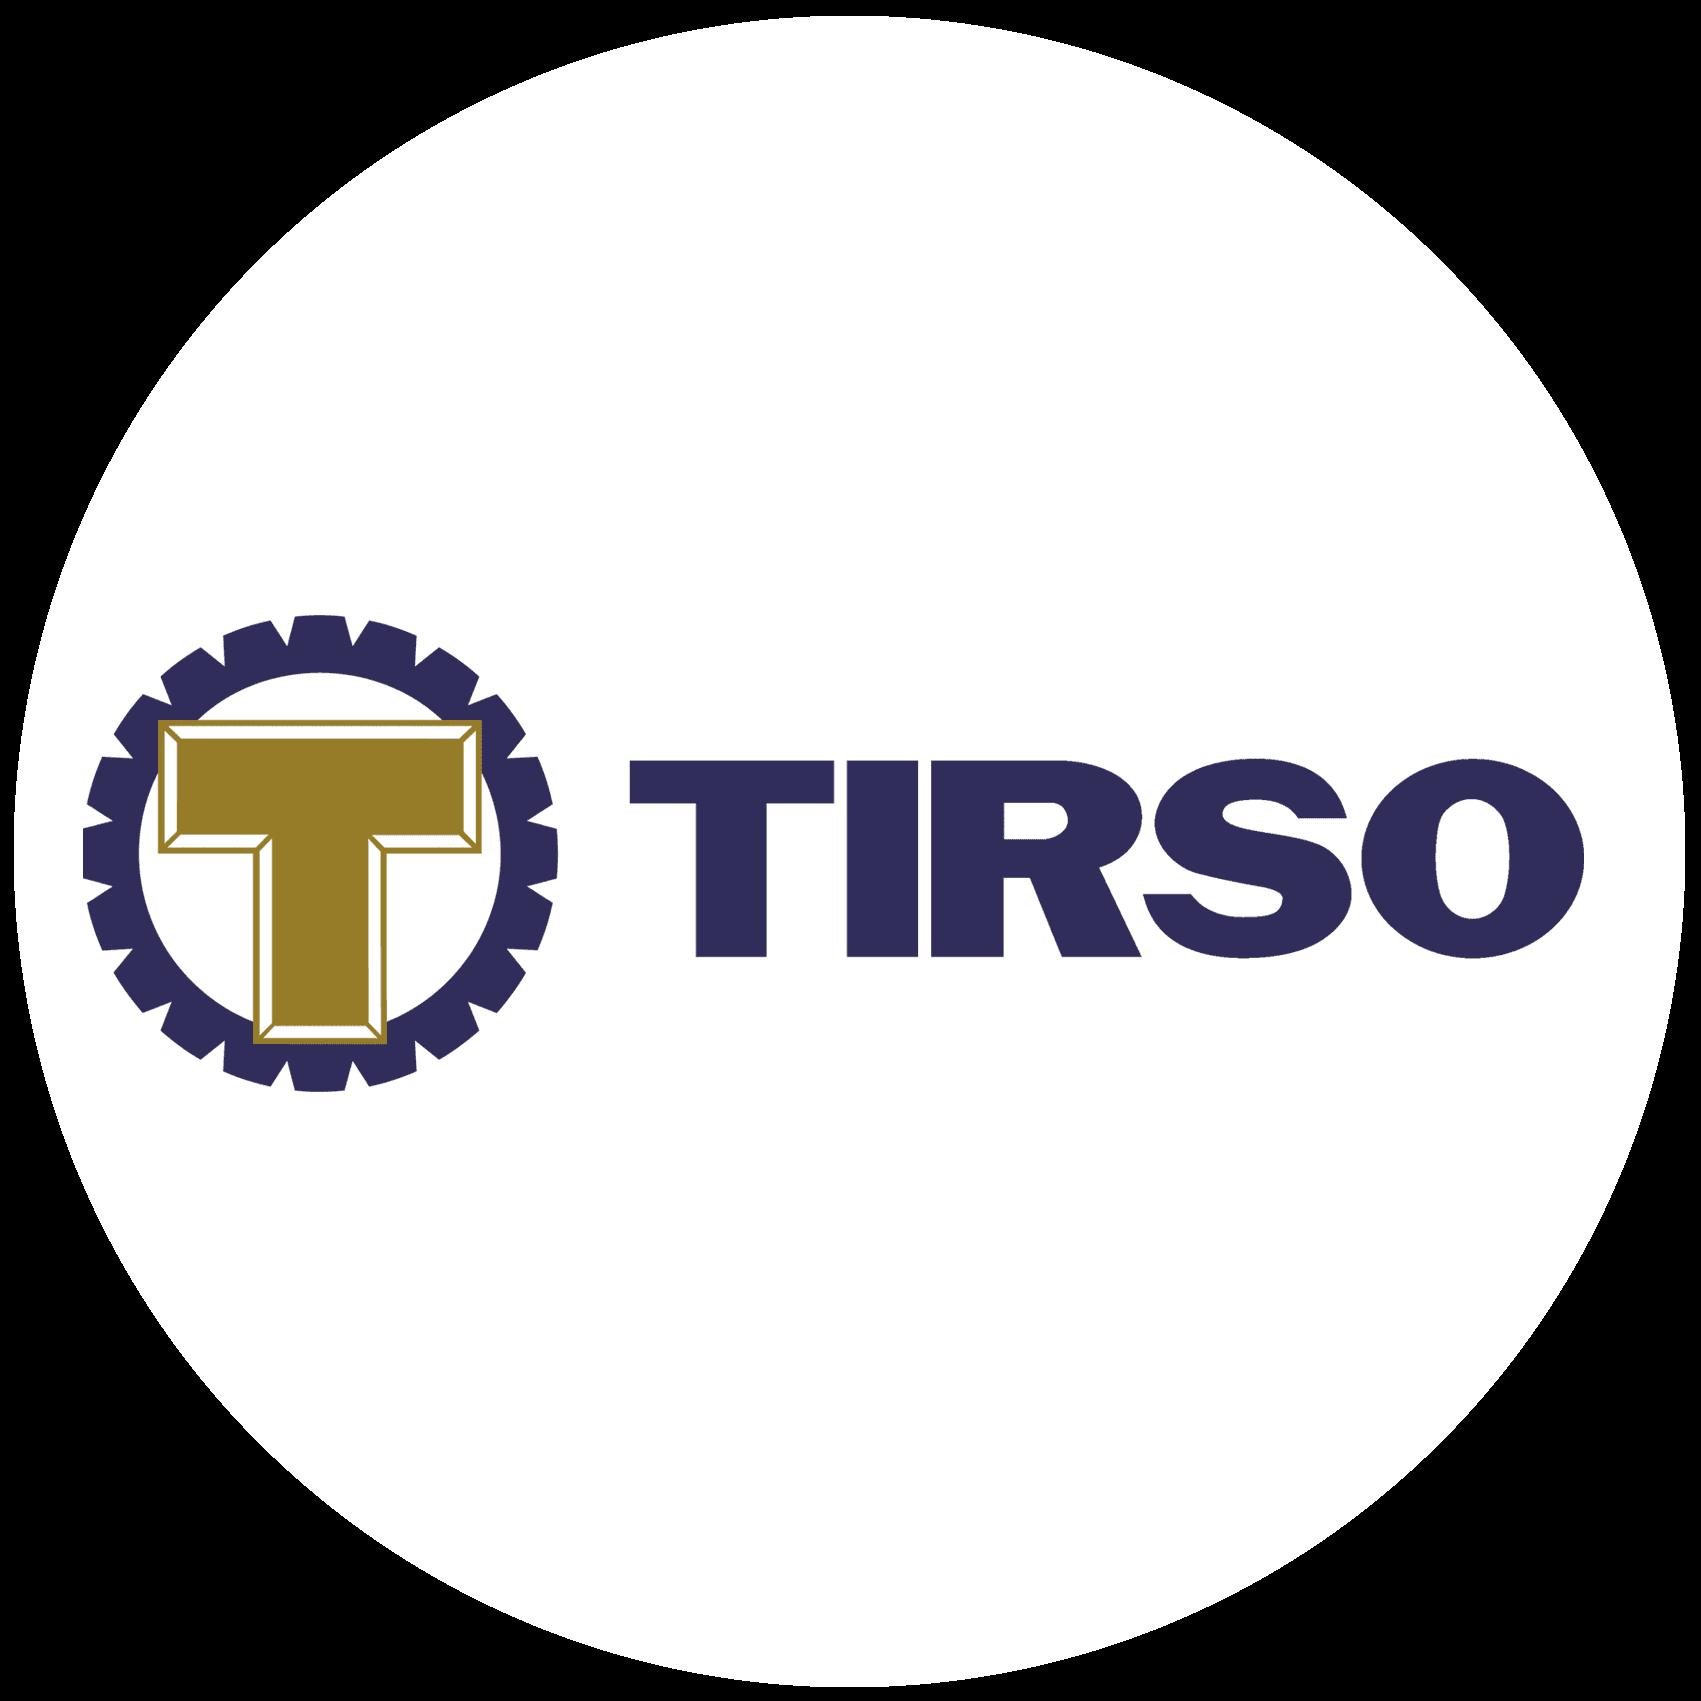 Grupo Tirso